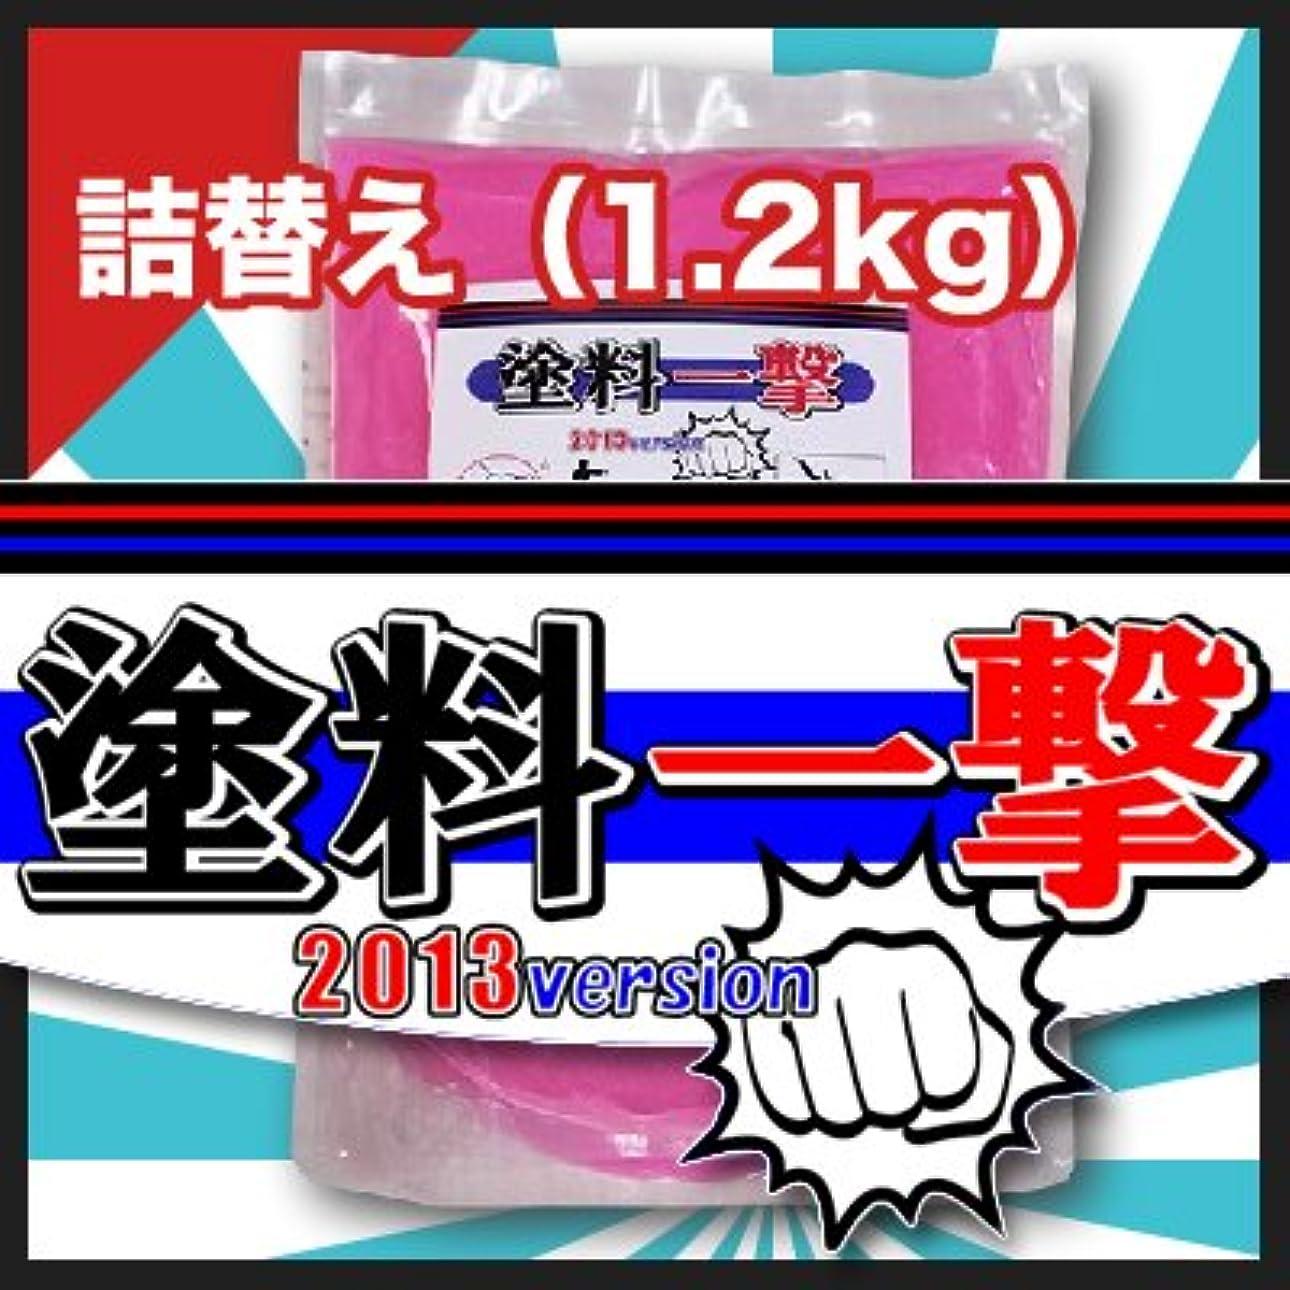 本物のシールピケD.Iプランニング 塗料一撃 2013 Version 詰め替え (1.2kg)